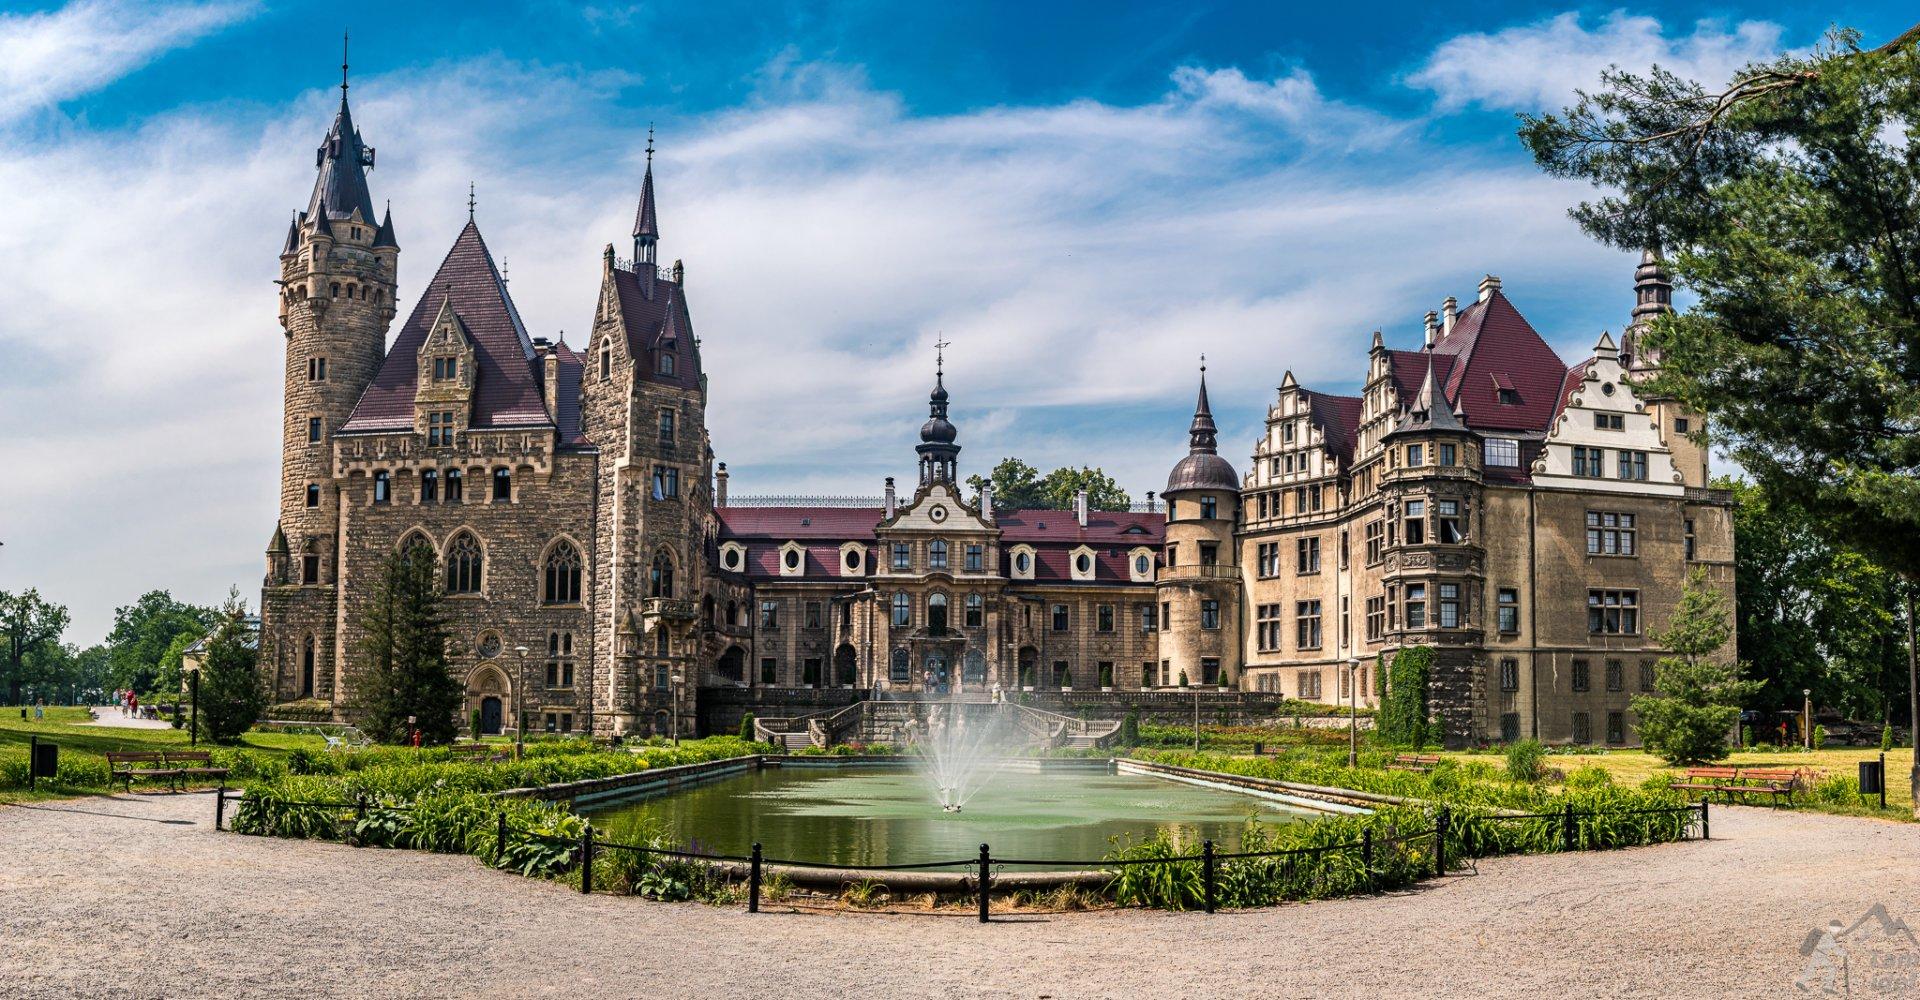 Zamek w Mosznej panorama